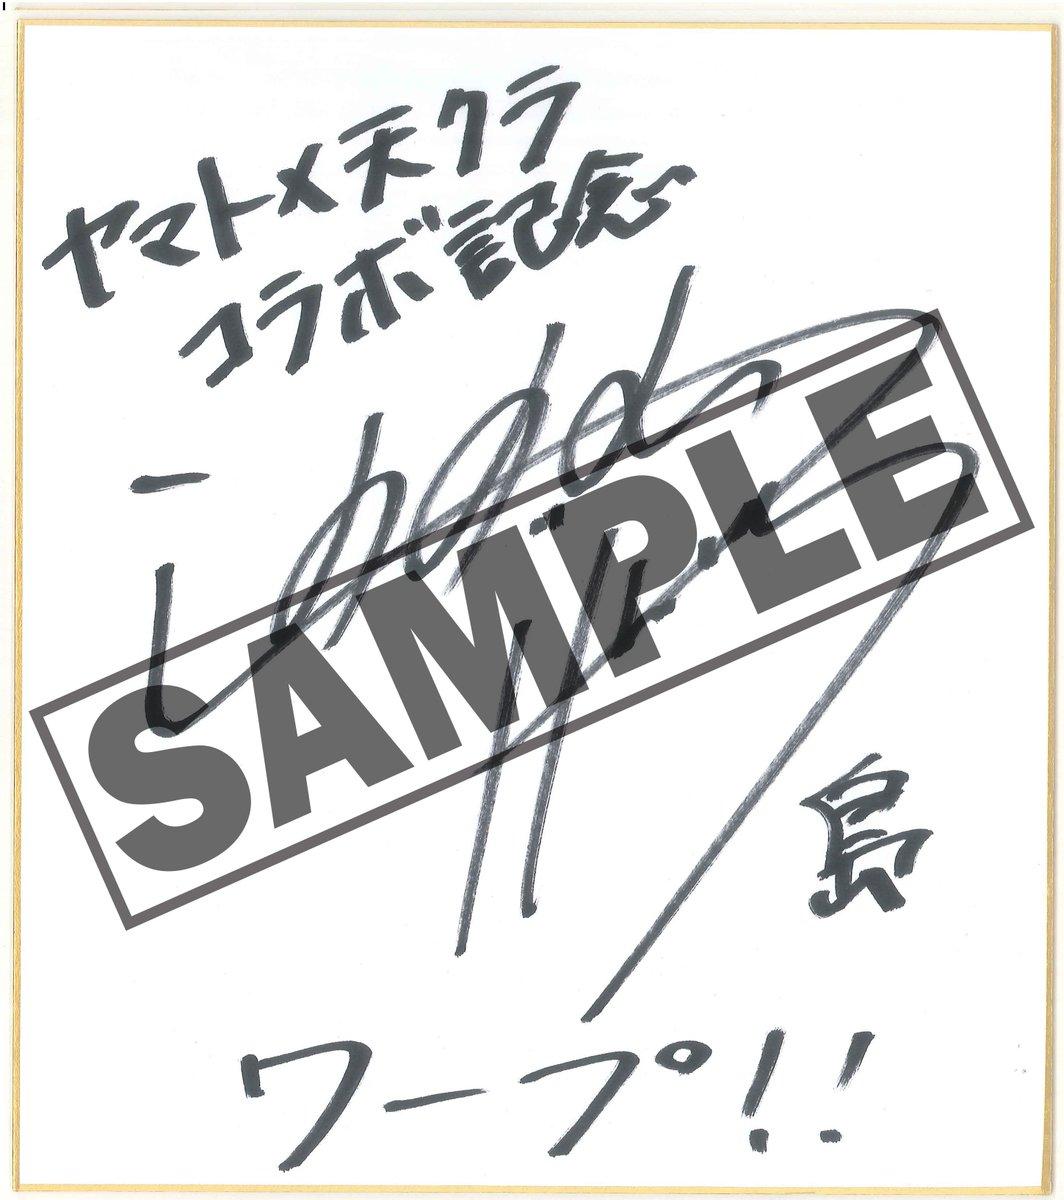 宇宙戦艦ヤマト2199コラボ記念!豪華声優陣のサイン色紙が当たるキャンペーンを実施中☆プレゼントの一部をチラ見せ♬今日は